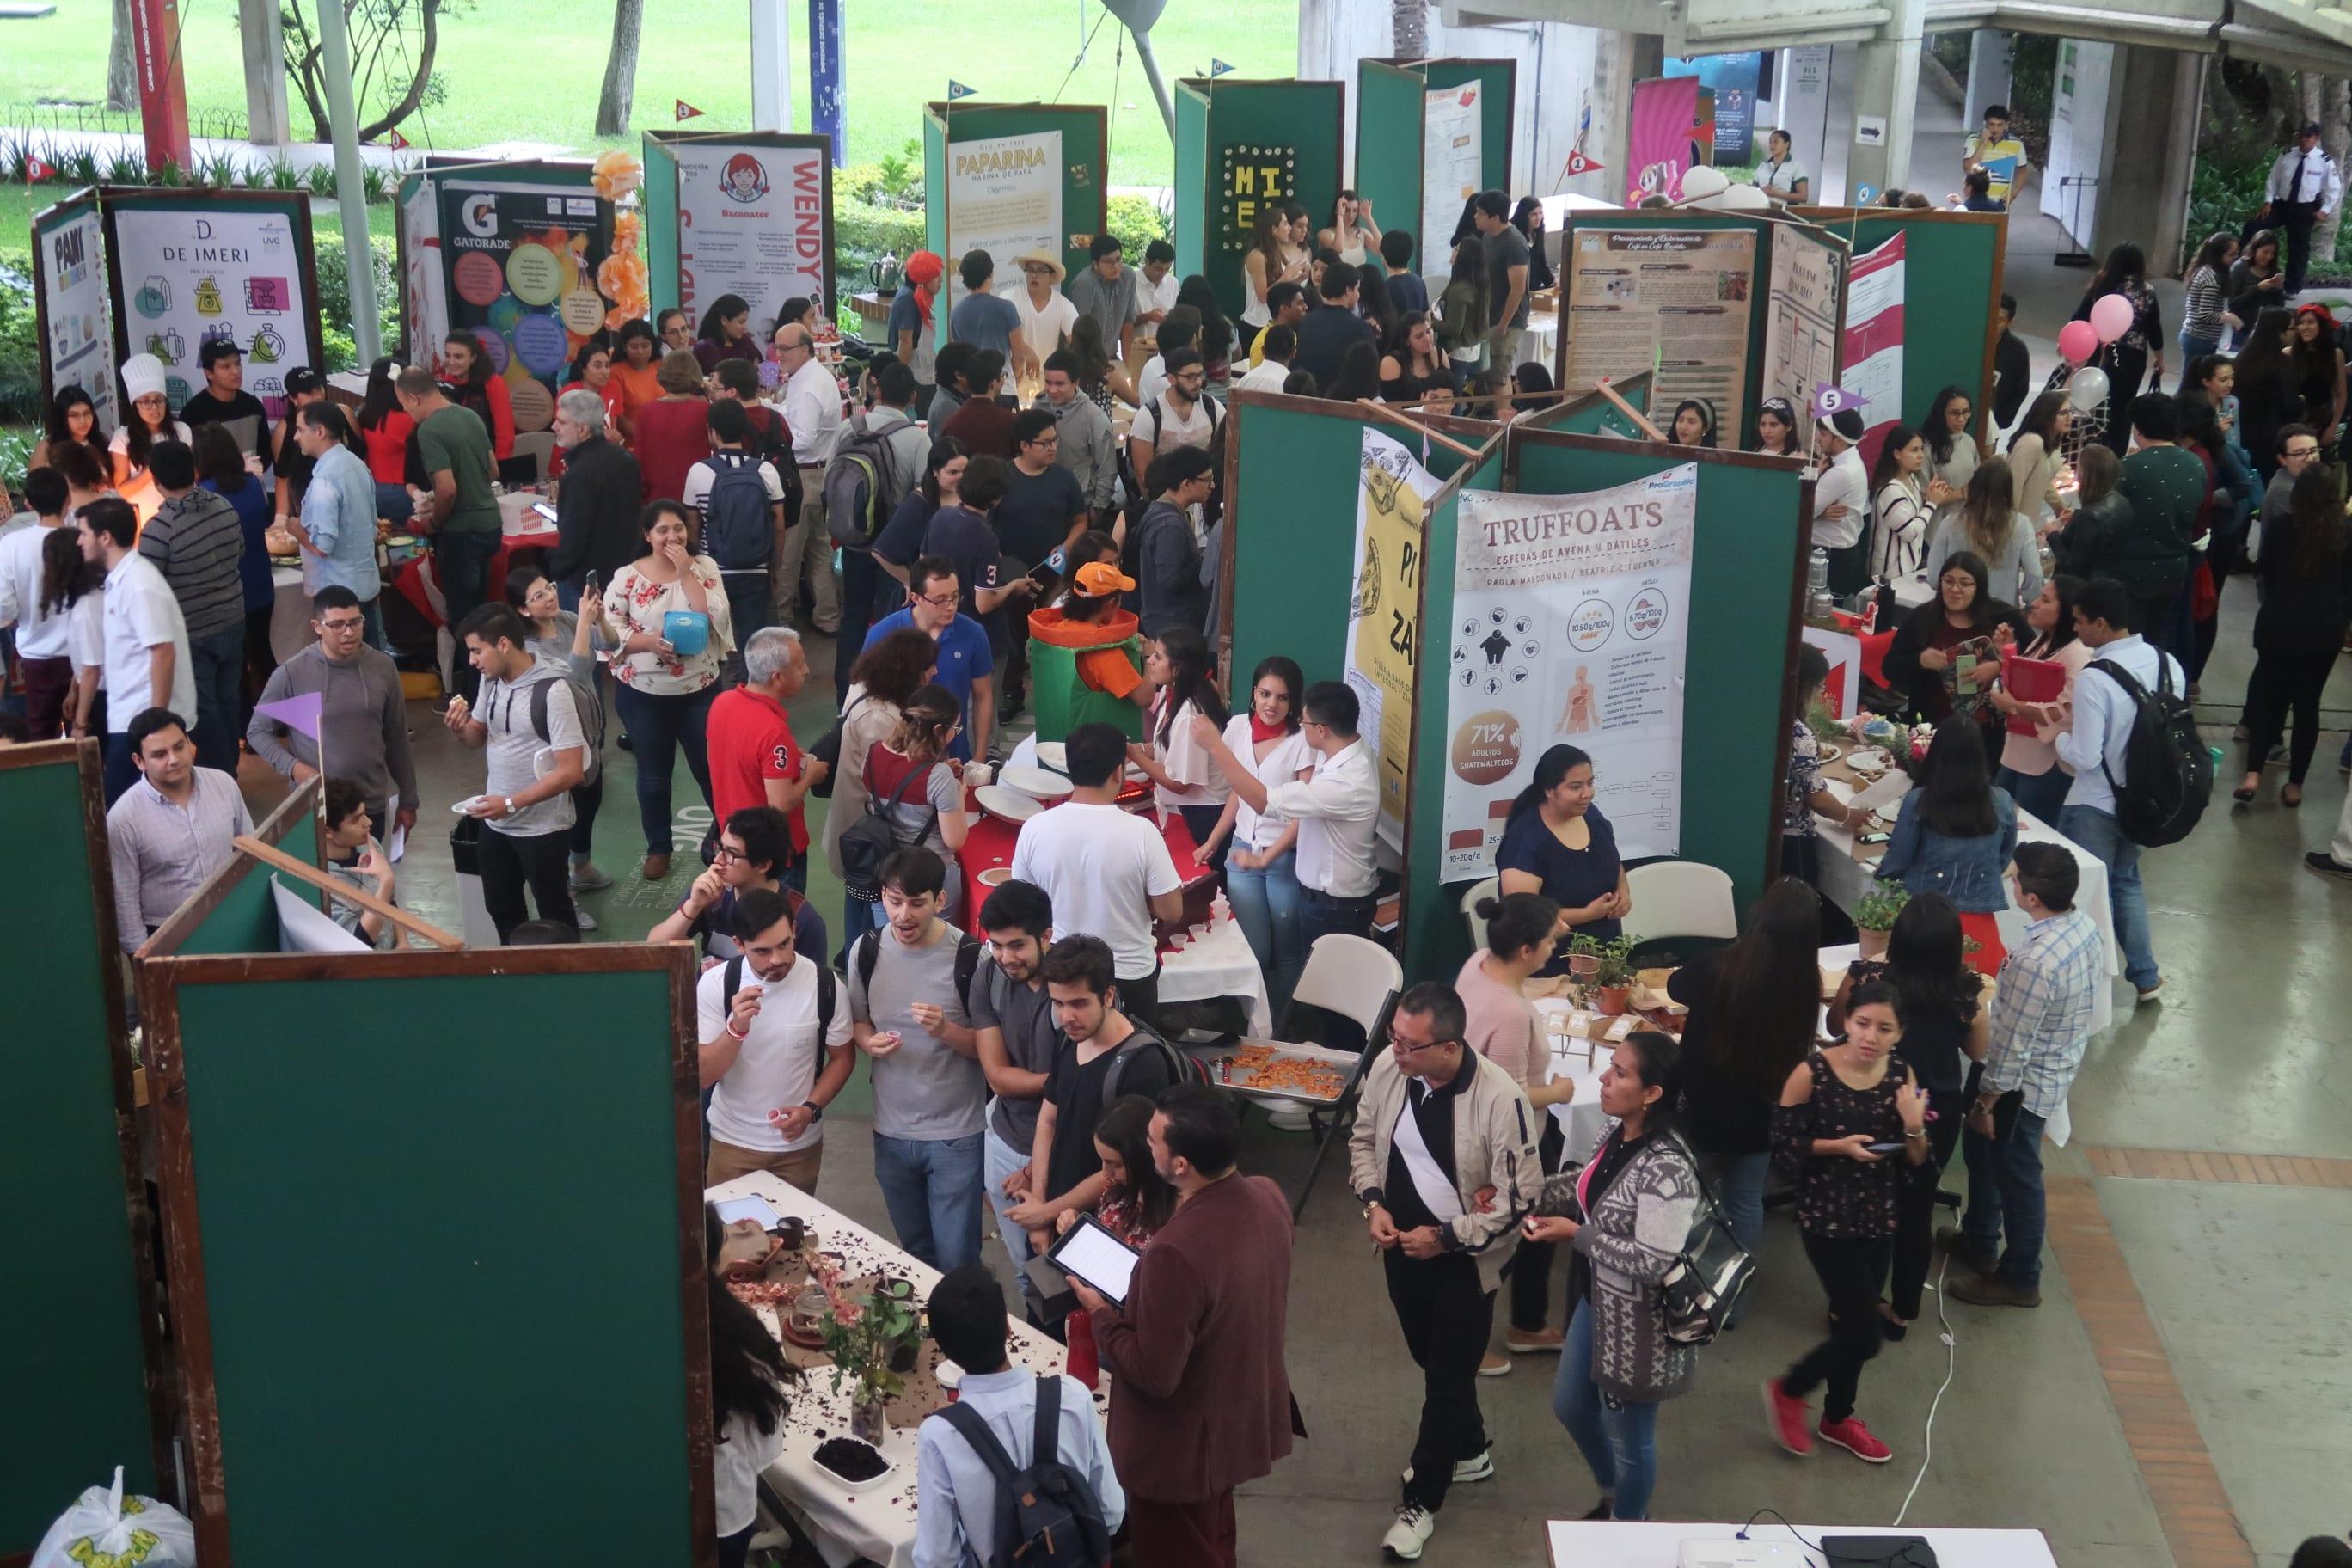 Food expo UVG 2019  Ciencia y tecnología alimentan la innovación